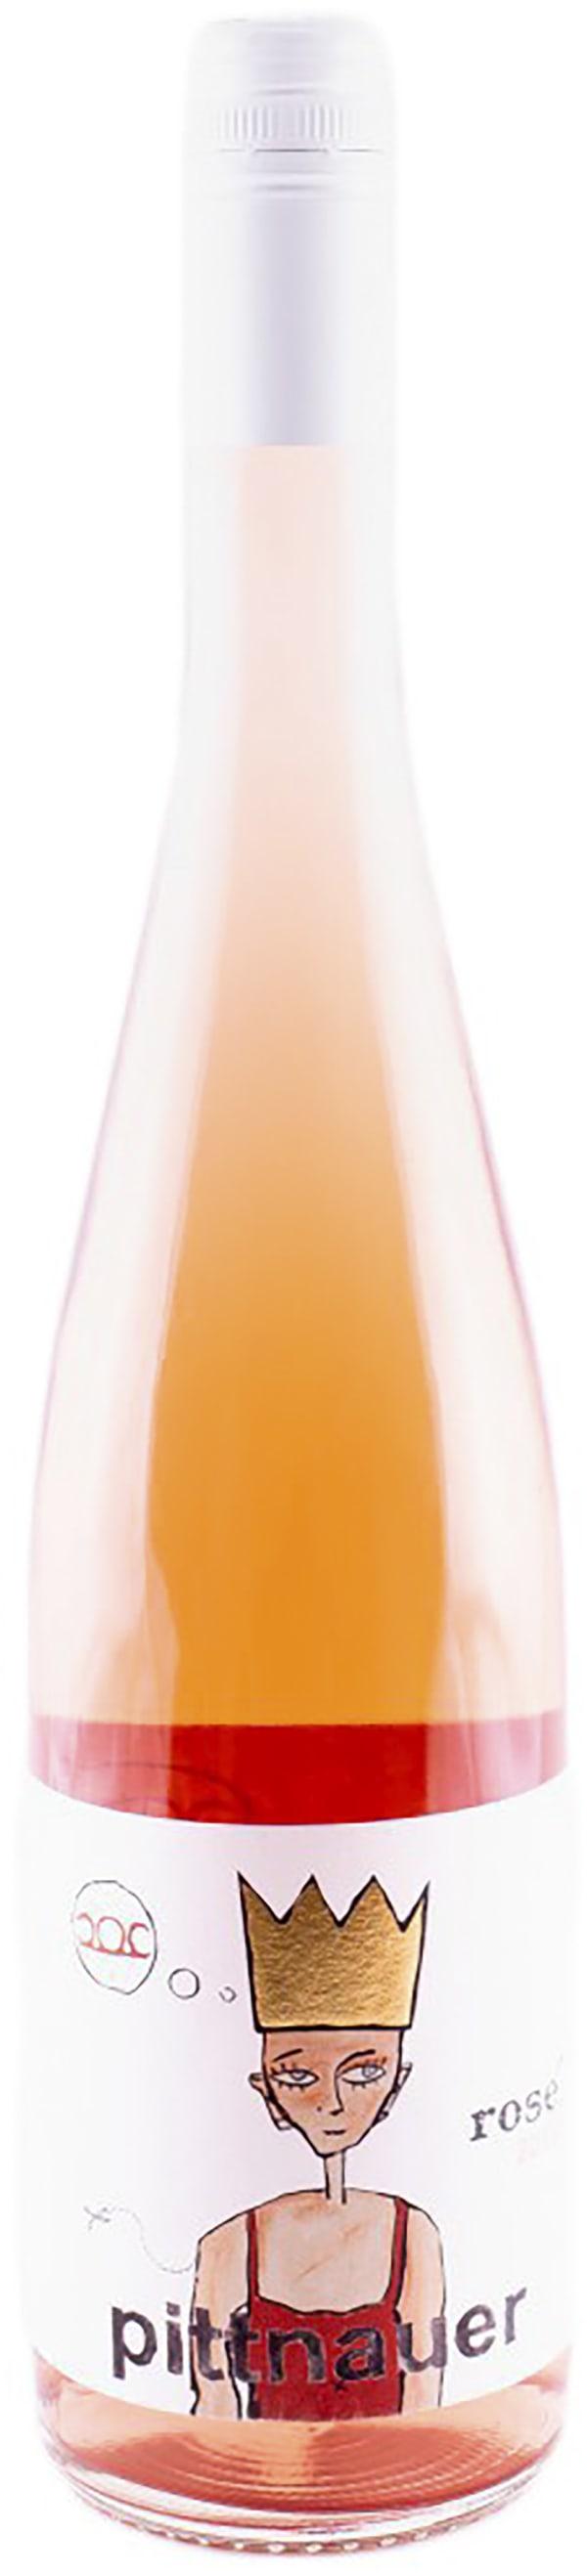 Pittnauer Rosé König 2019